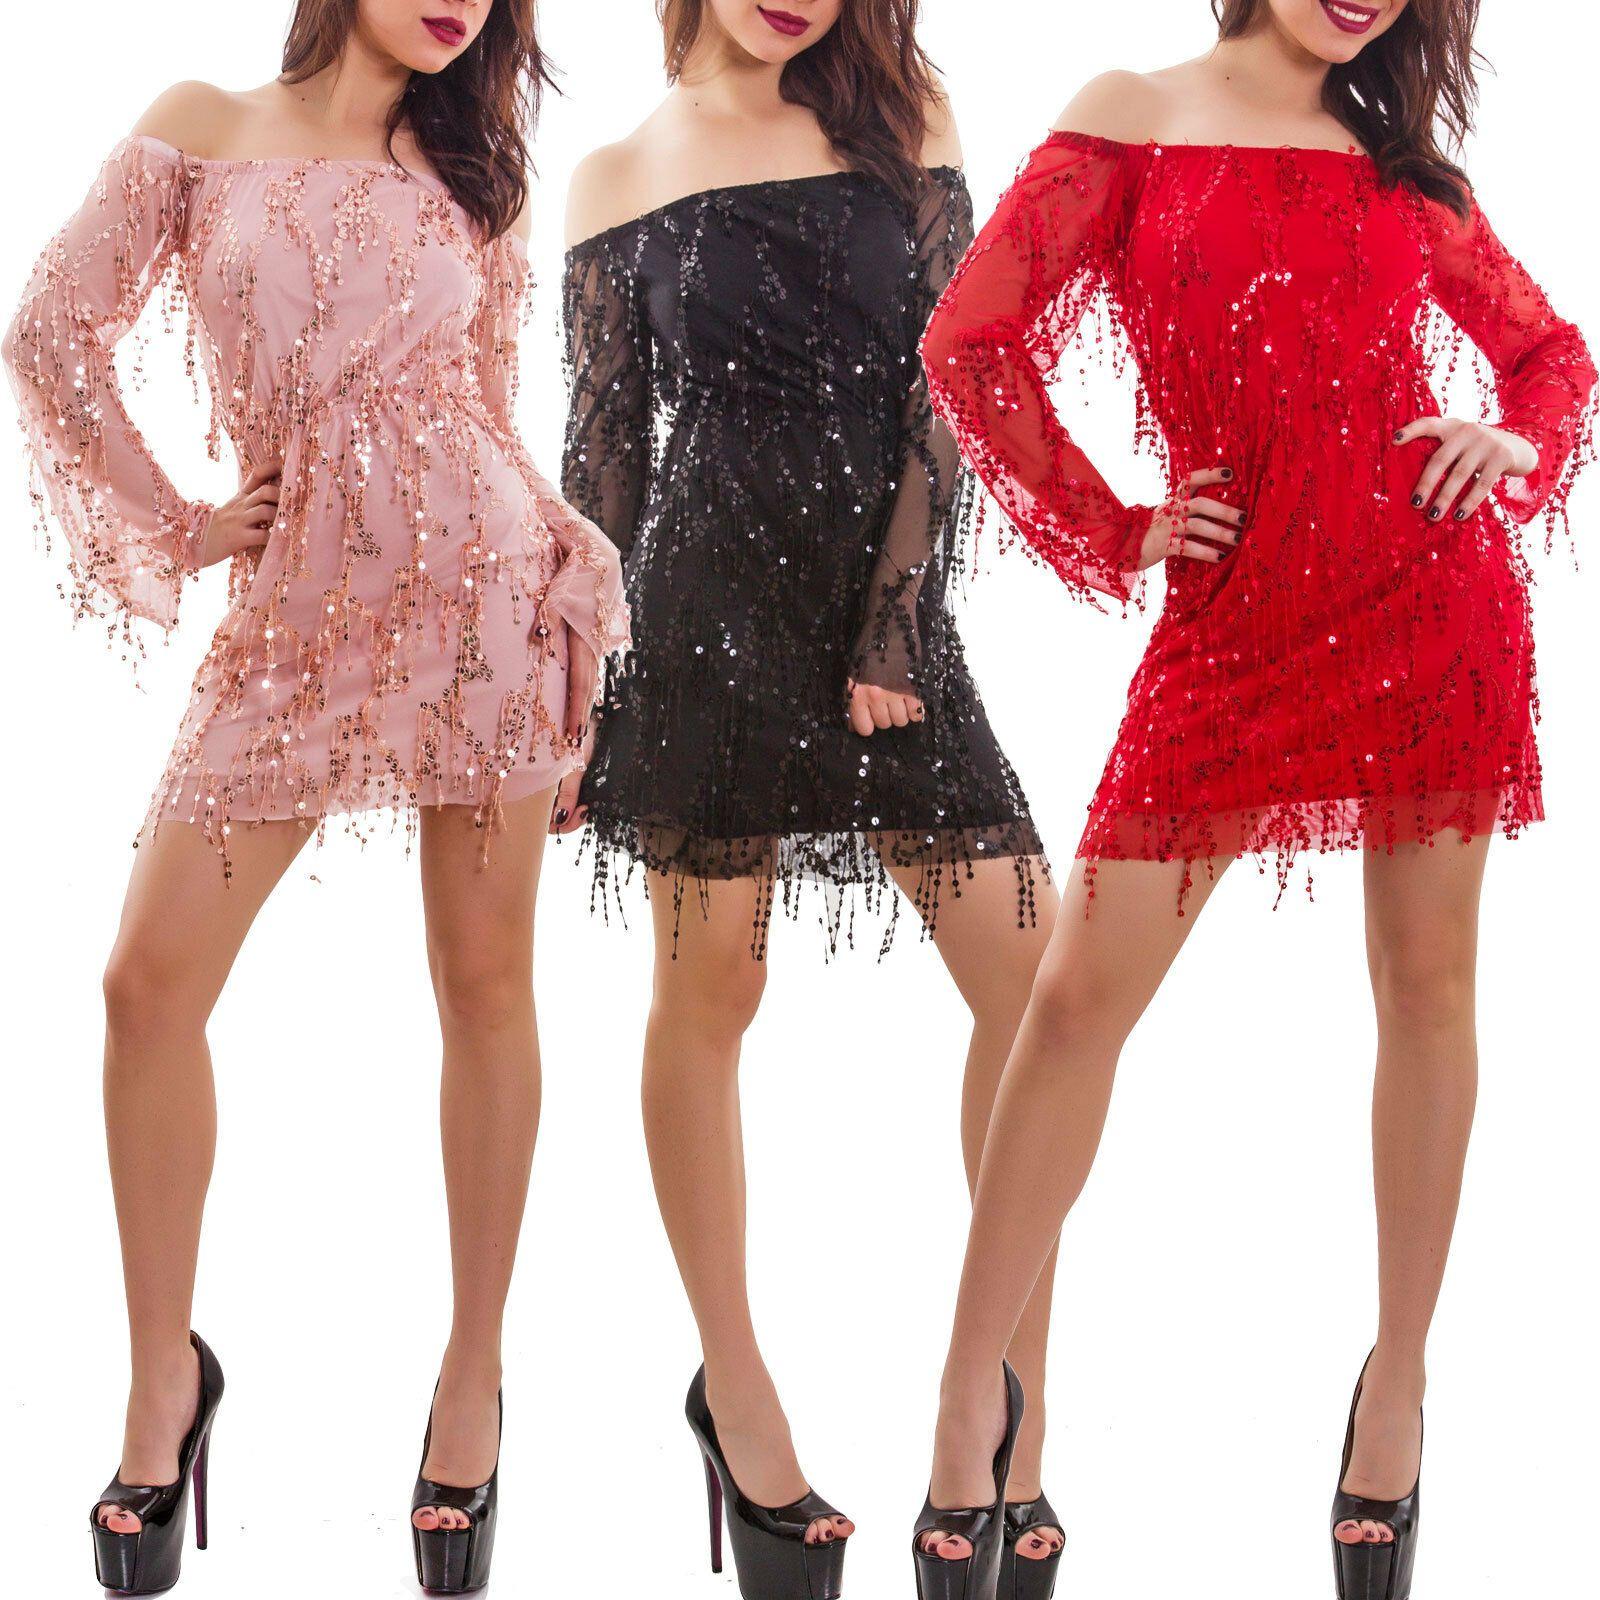 Paillettes vestito corto attillato per donna discoteca OUTFIT donne miniabito dress